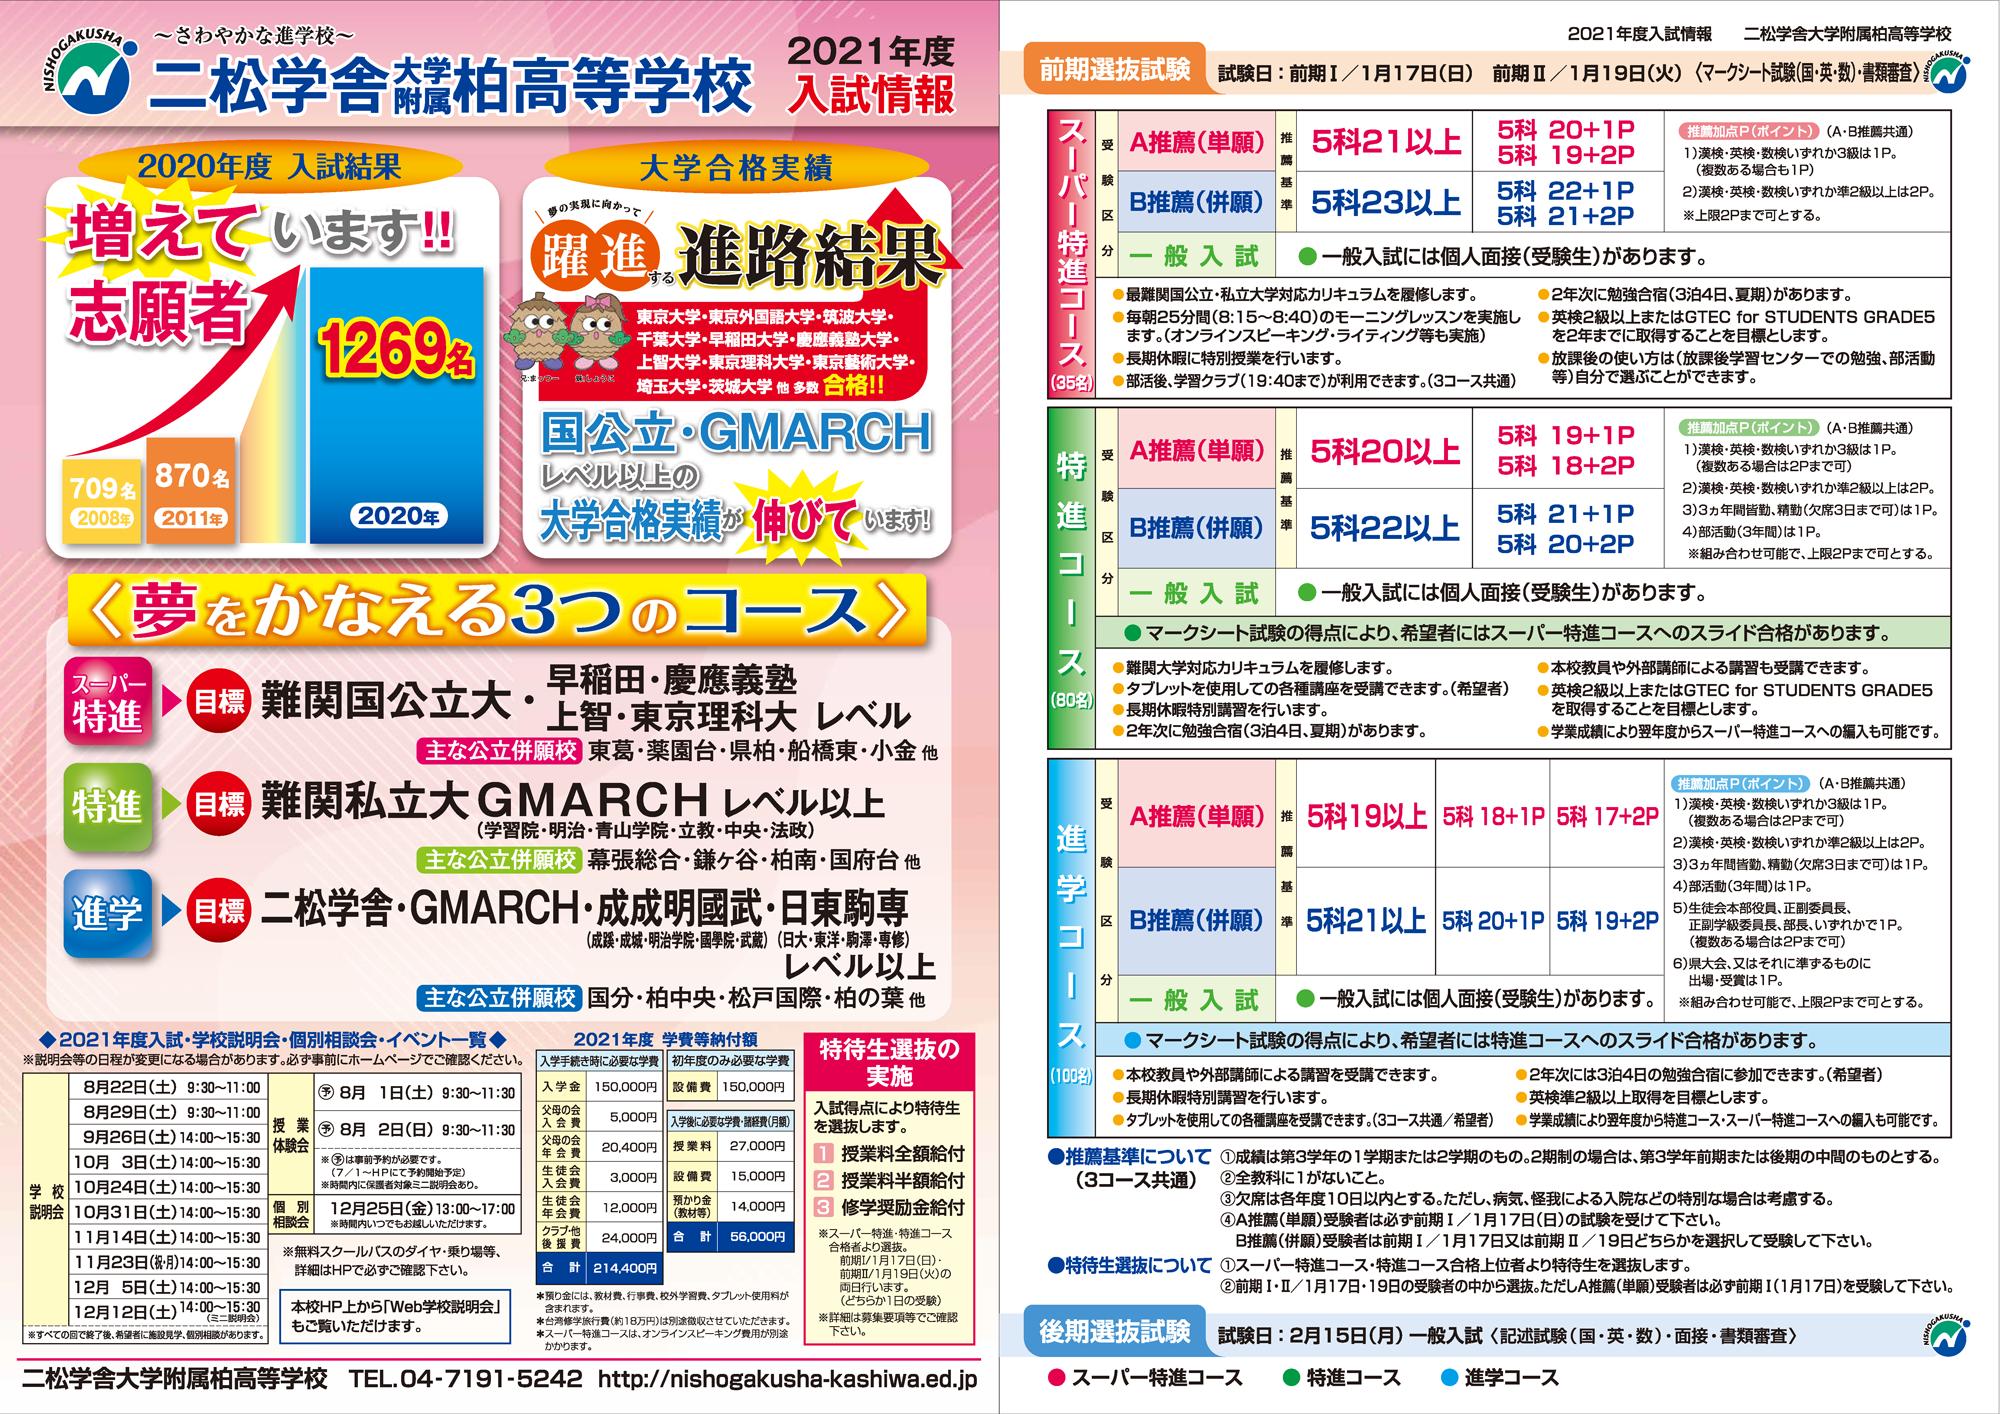 高等学校入試情報リーフレット2021